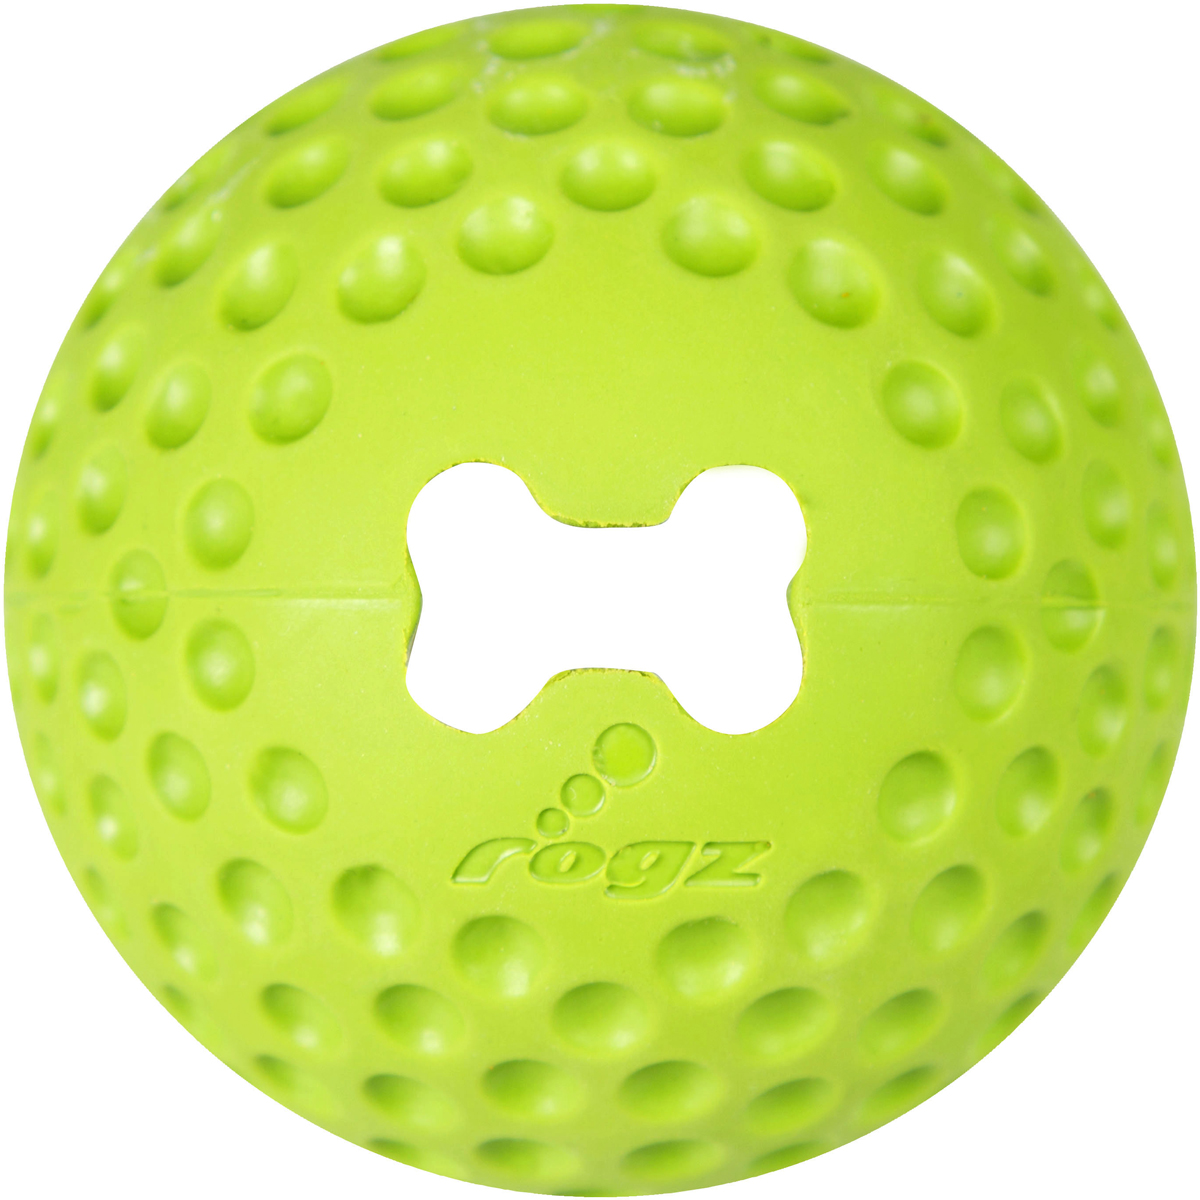 Игрушка для собак Rogz Gumz, с отверстием для лакомства, цвет: лайм, диаметр 7,8 смGU04LИгрушка для собак Rogz Gumz тренирует жевательные мышцы и массирует десны собаке. Отлично подходит для дрессировки, так как есть отверстие для лакомства.Отлично подпрыгивает при играх.Занимательная игрушка выдерживает долгое жевание и разгрызание. Материал изделия: 85 % натуральной резины, 15 % синтетической резины. Не токсичен.